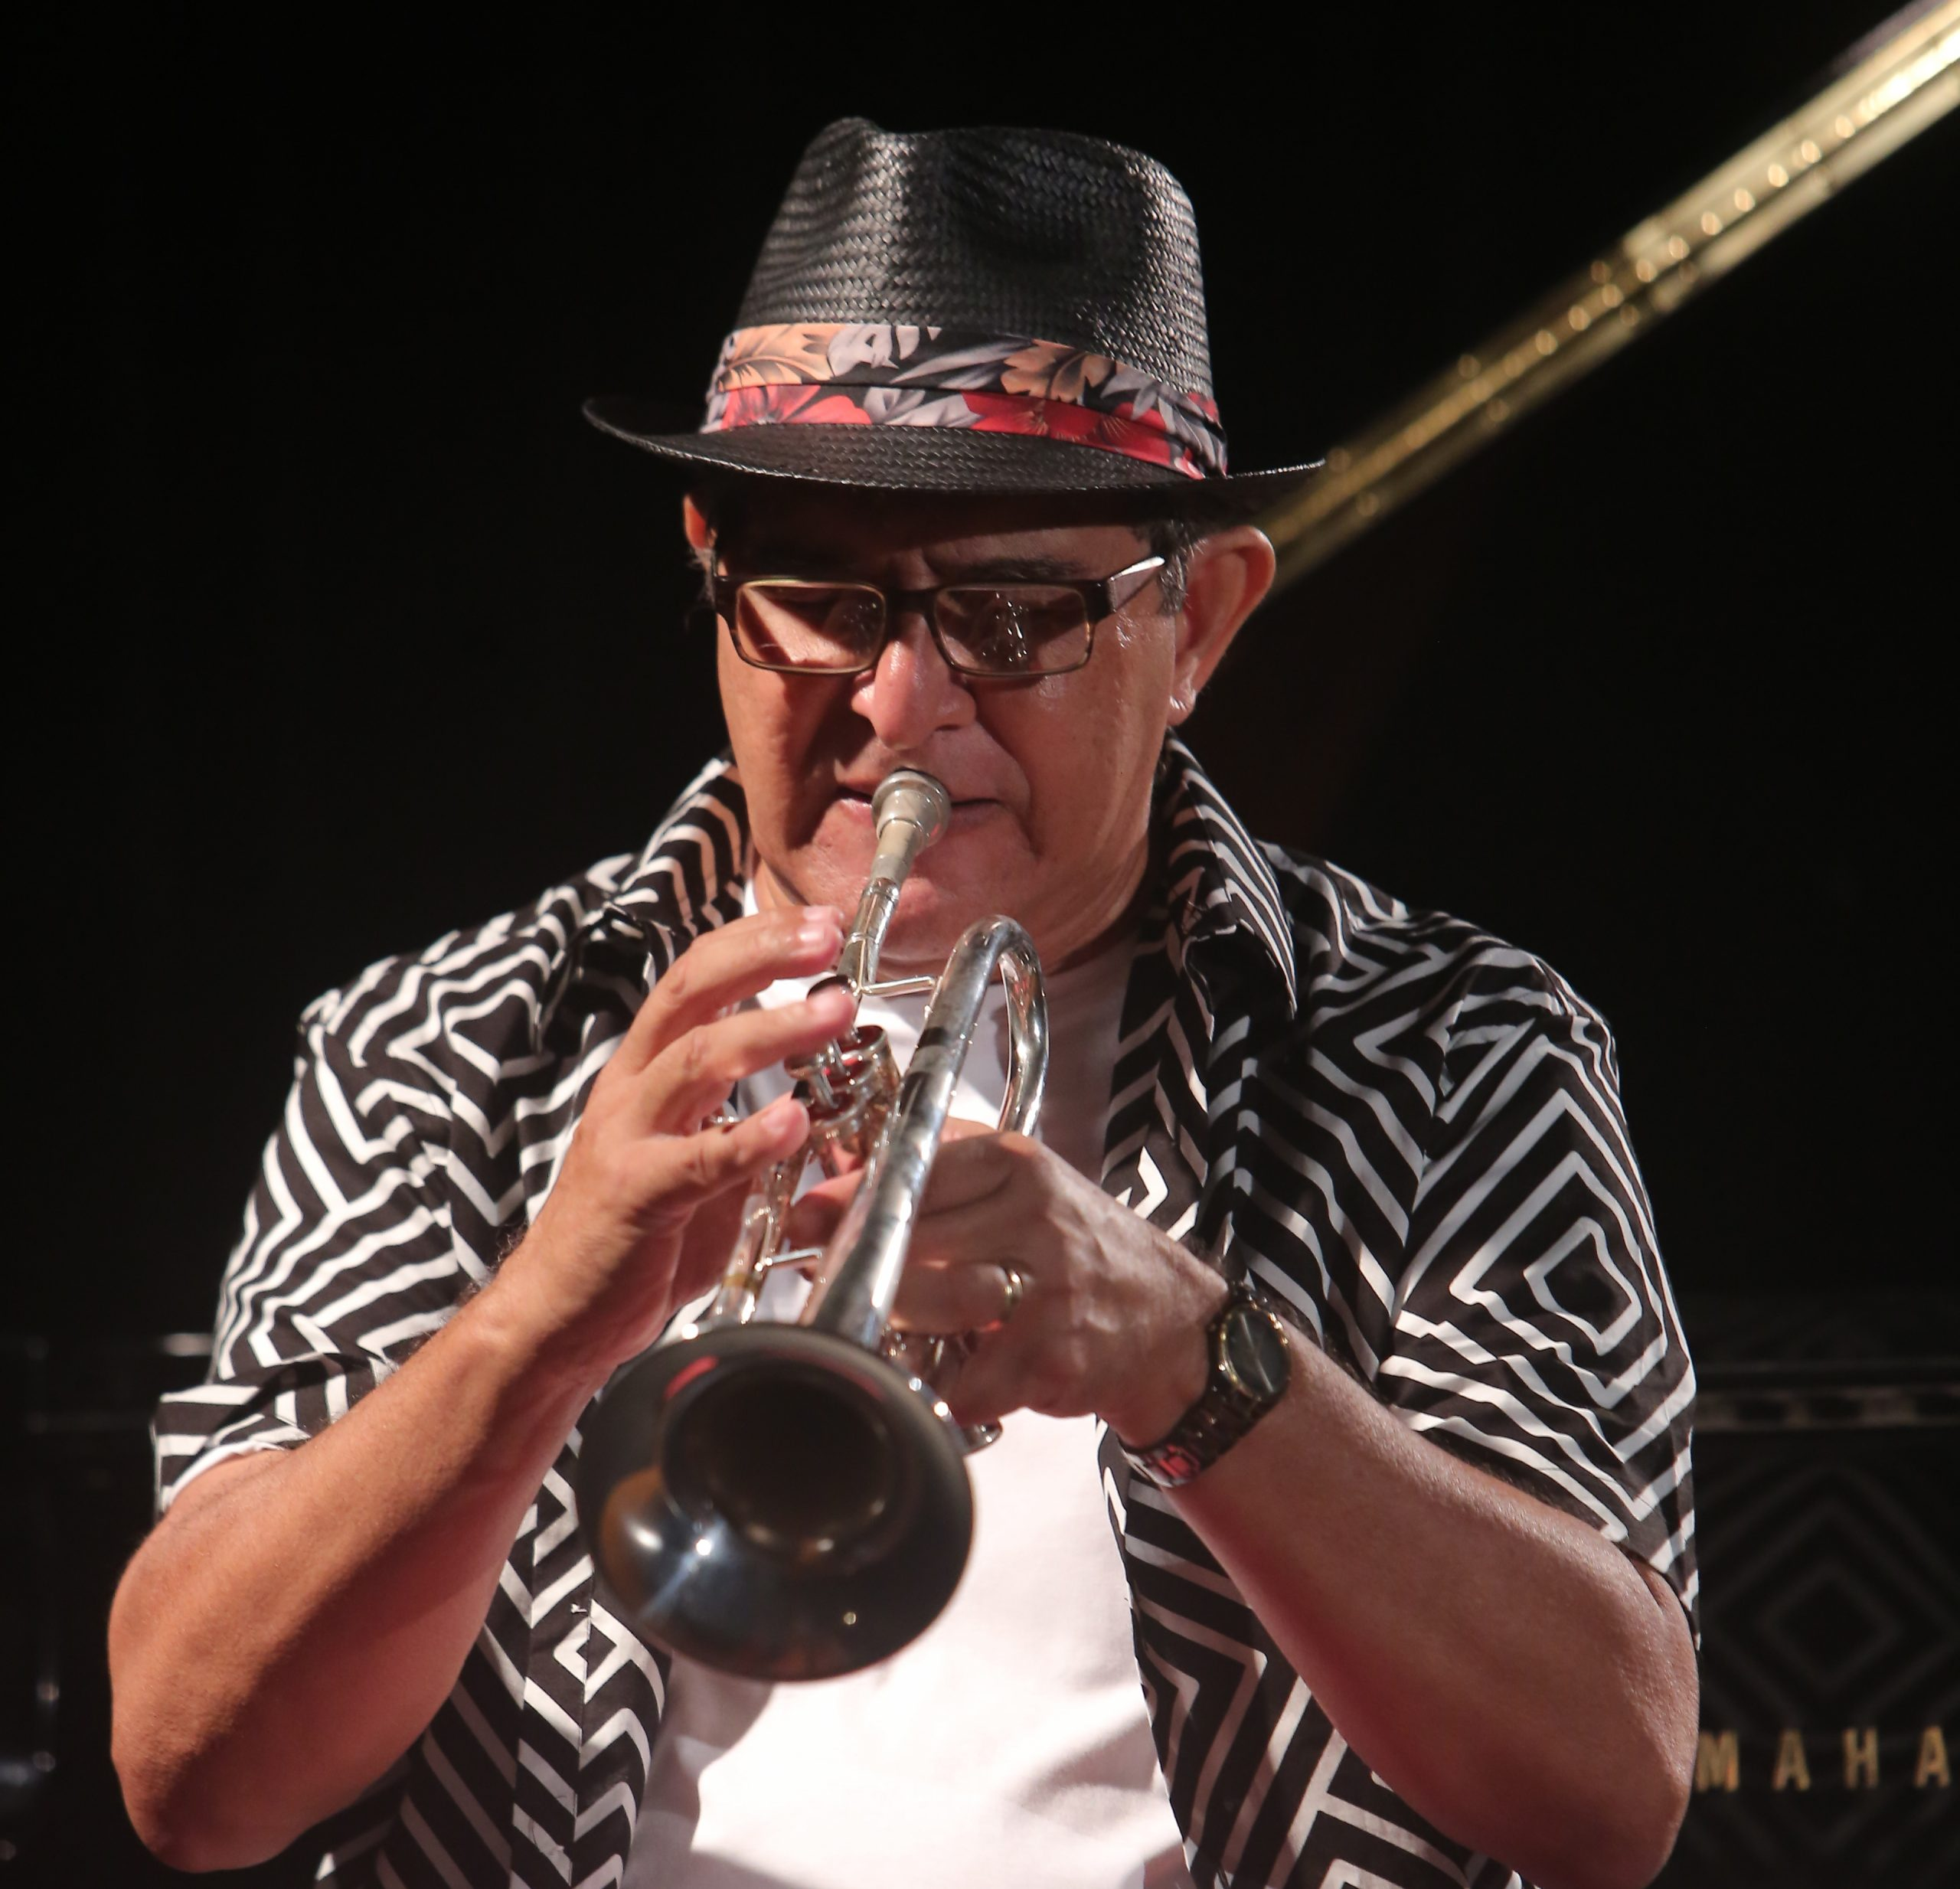 El famoso trompetista hace un balance entre la múisca, el servicio público y su vida espiritual. (Foto suministrada)